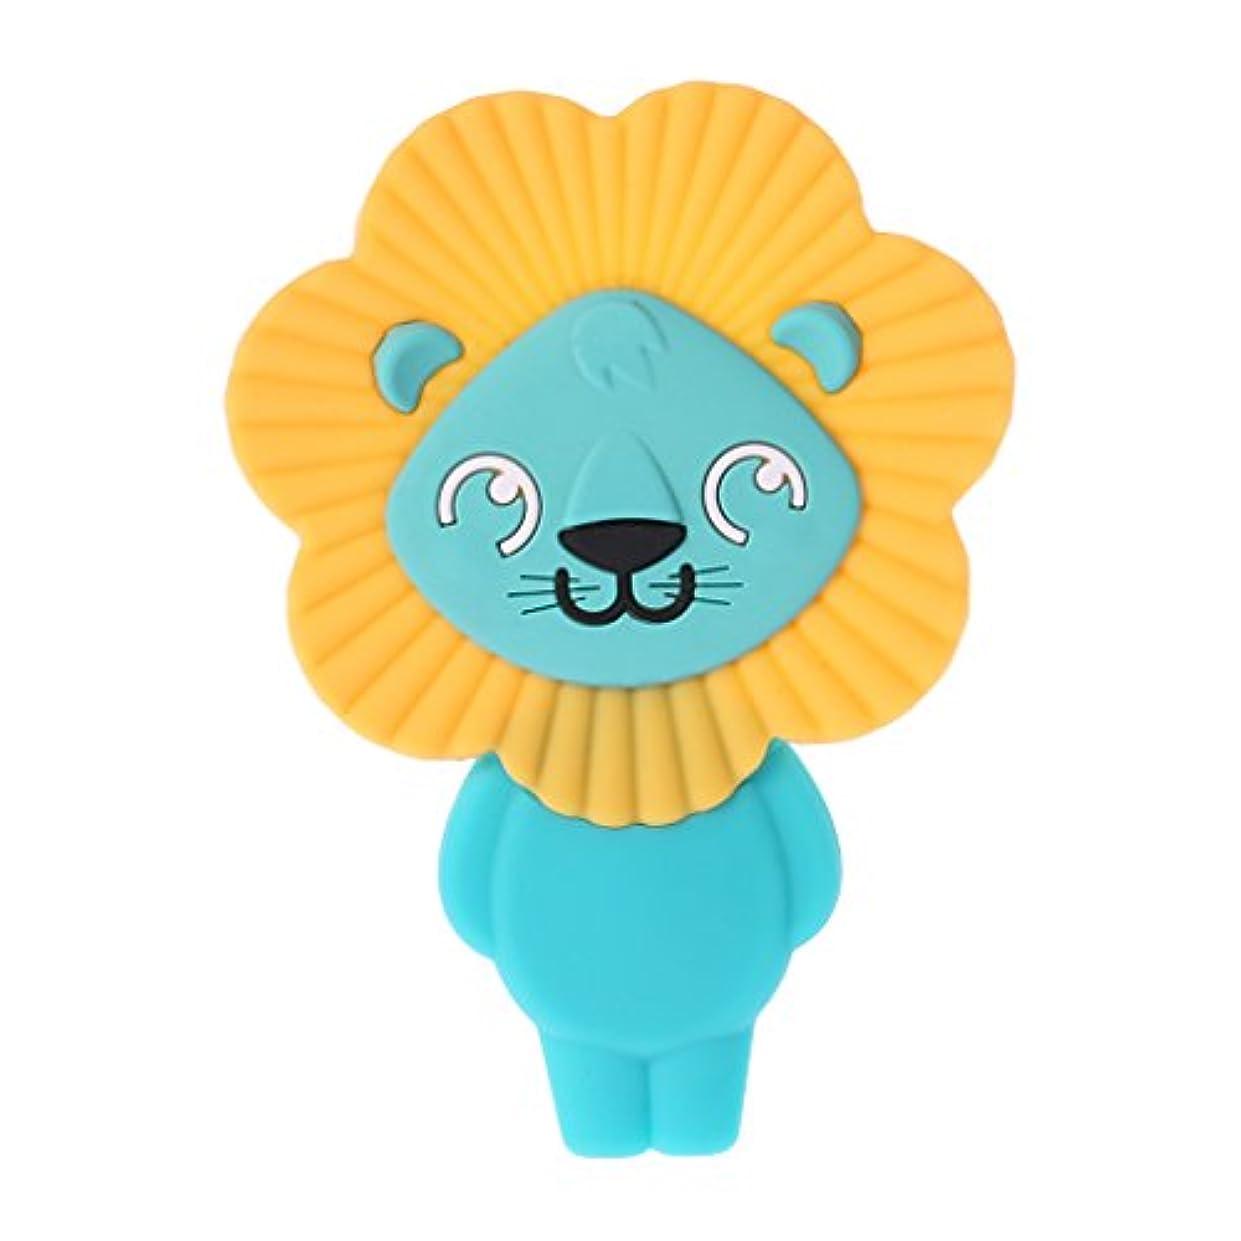 農民りんごラッドヤードキップリングLanddumシリコーンおしゃぶりかわいいライオンのおしゃぶり赤ちゃん看護玩具かむ玩具歯が生えるガラガラ玩具